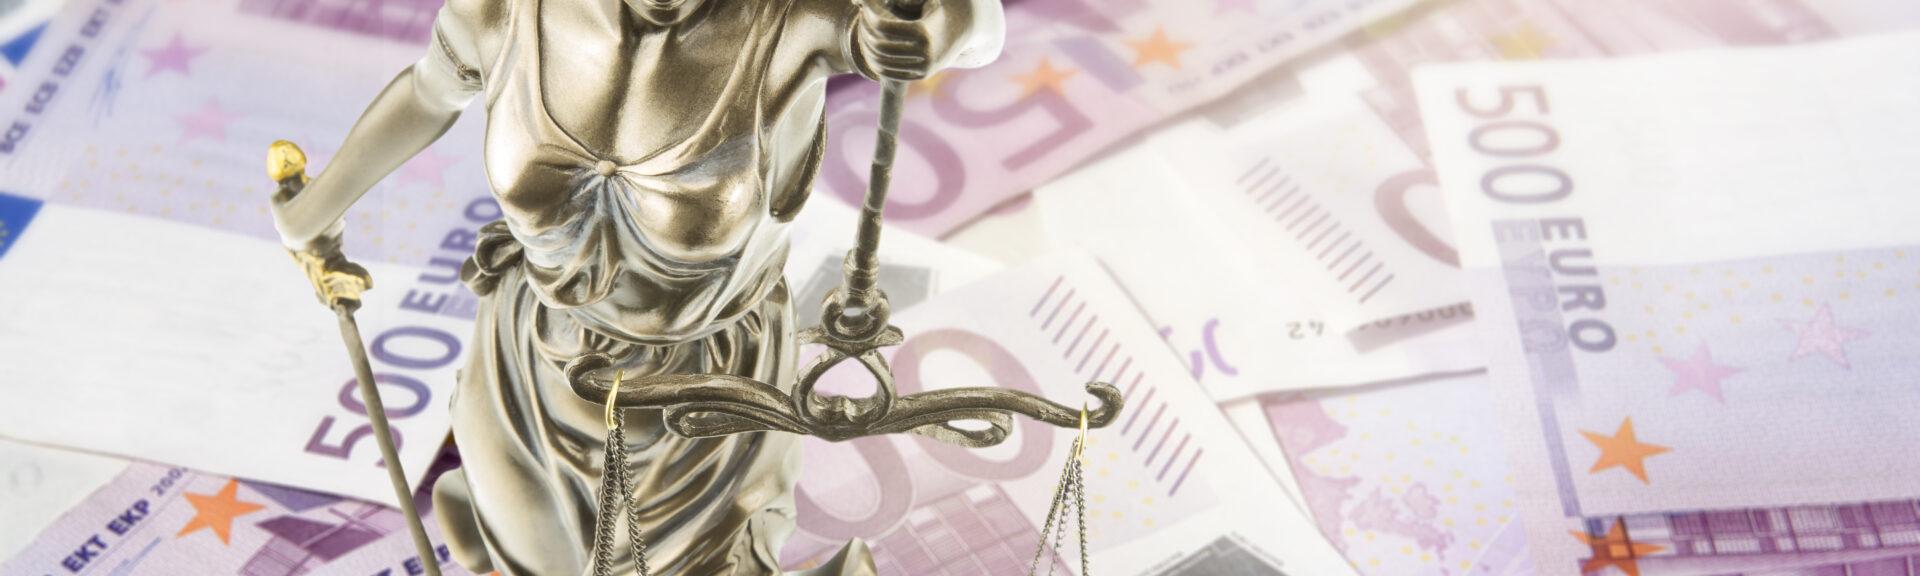 Eine goldene Justitia Figur steht auf vielen 500 Euro